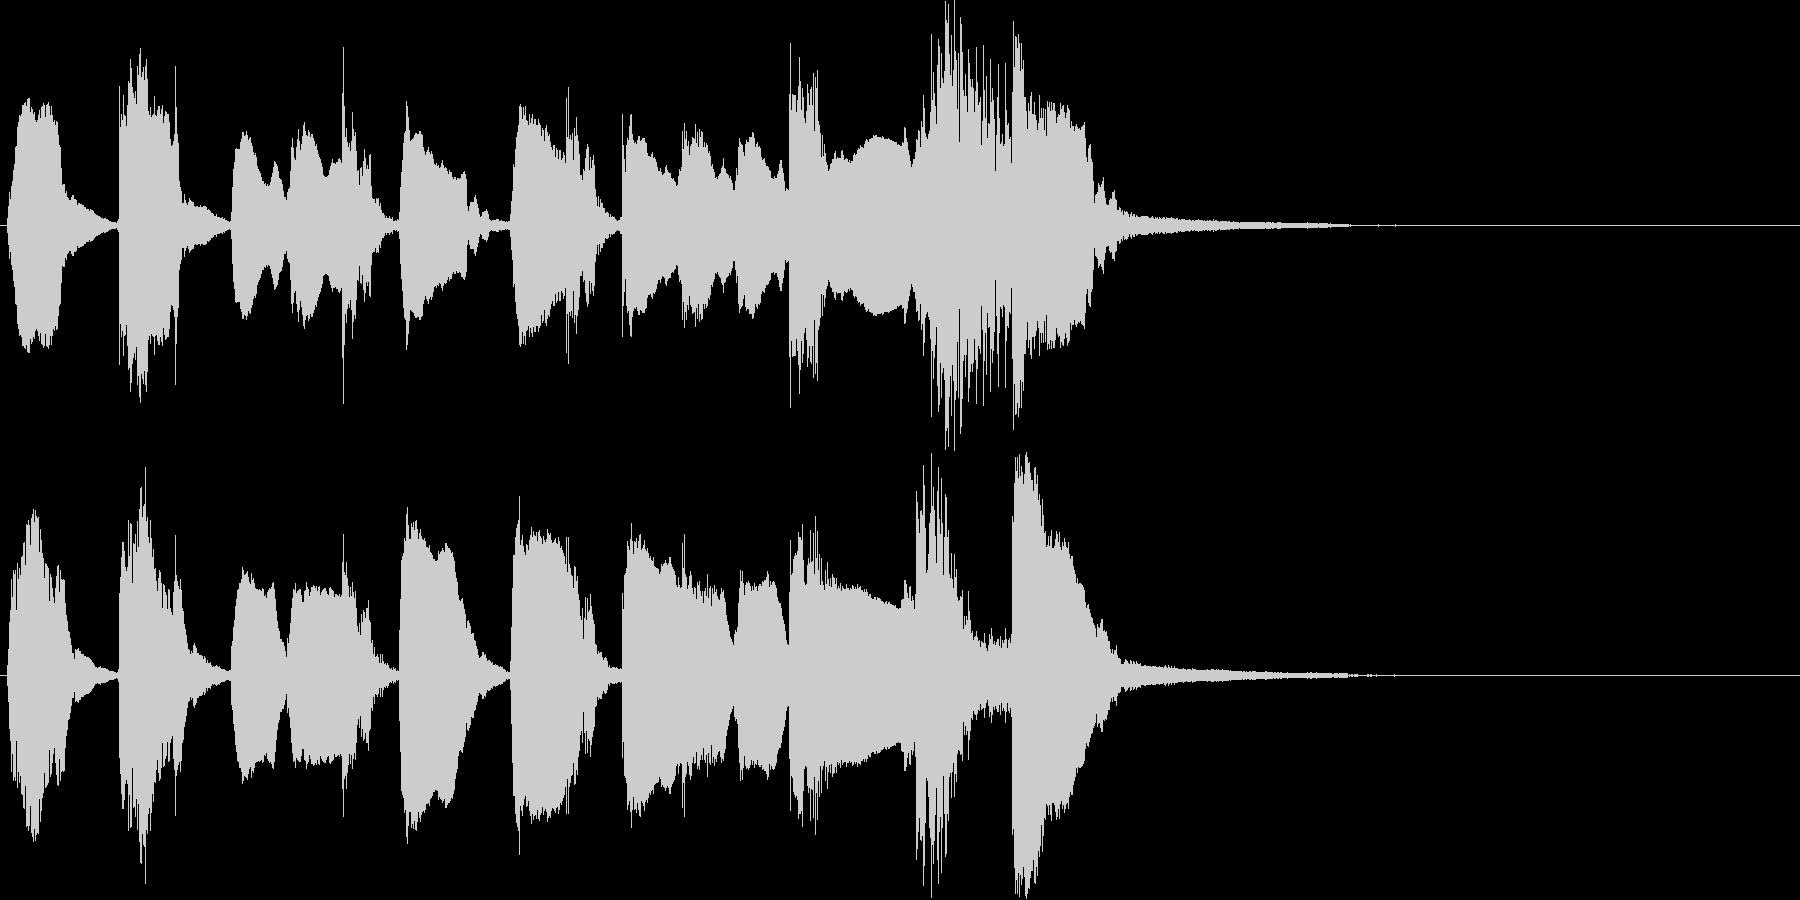 キュート、かわいい系のジングルの未再生の波形